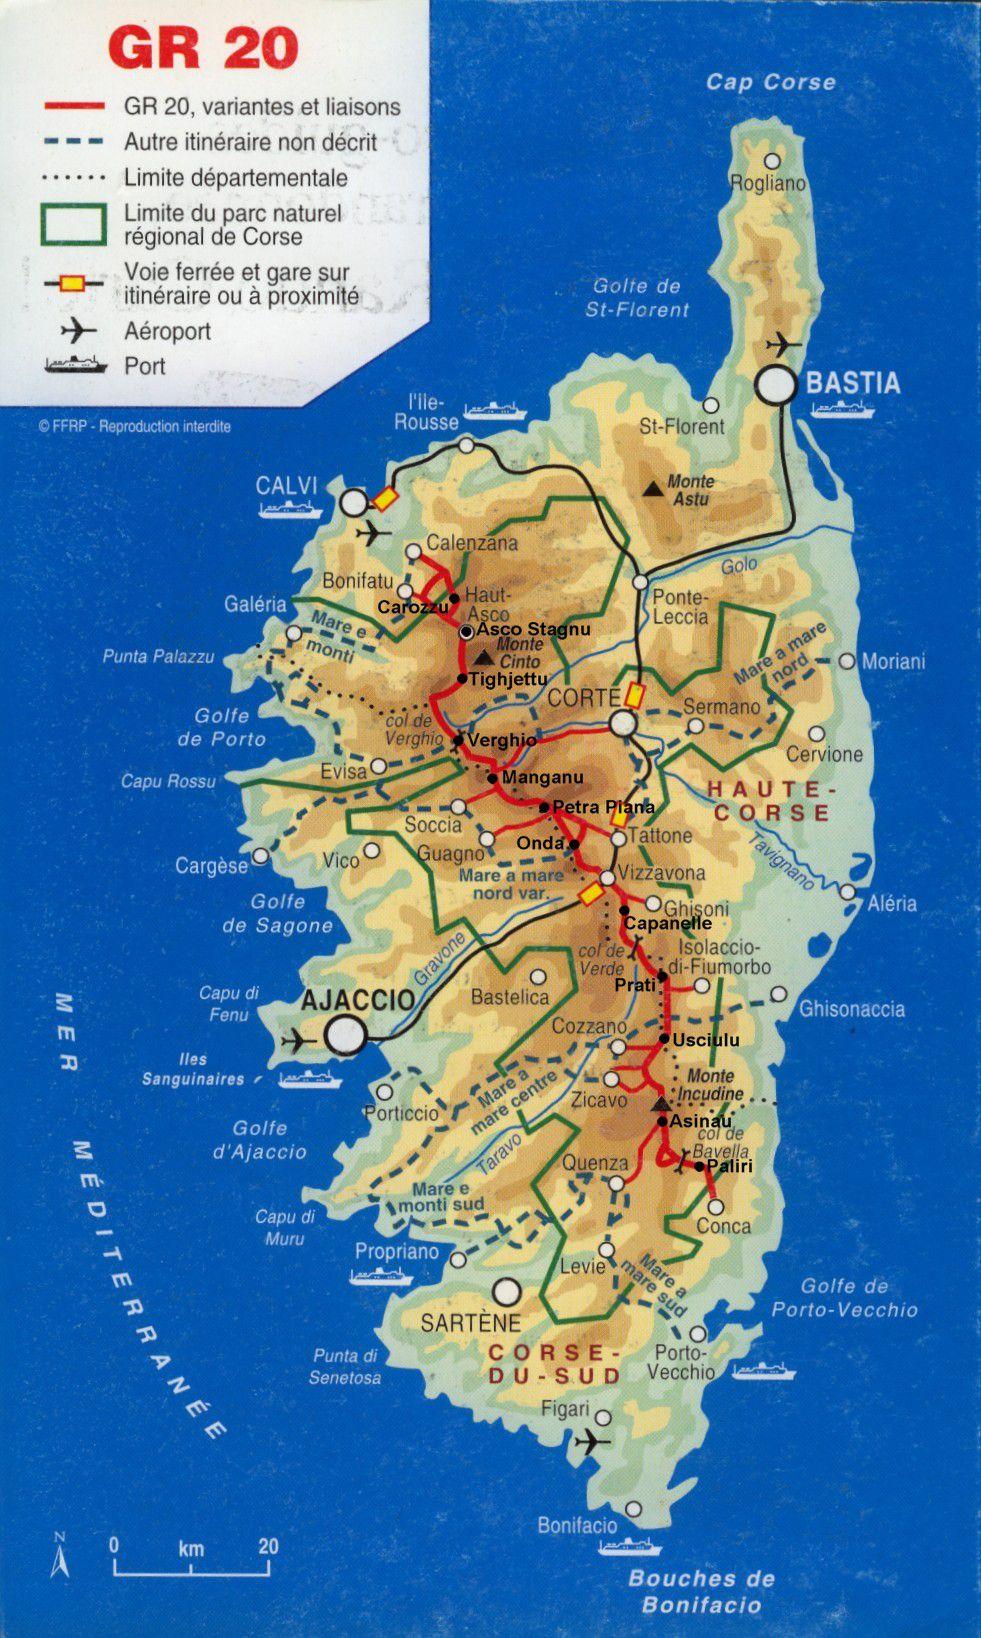 Carte administrative de la Corse